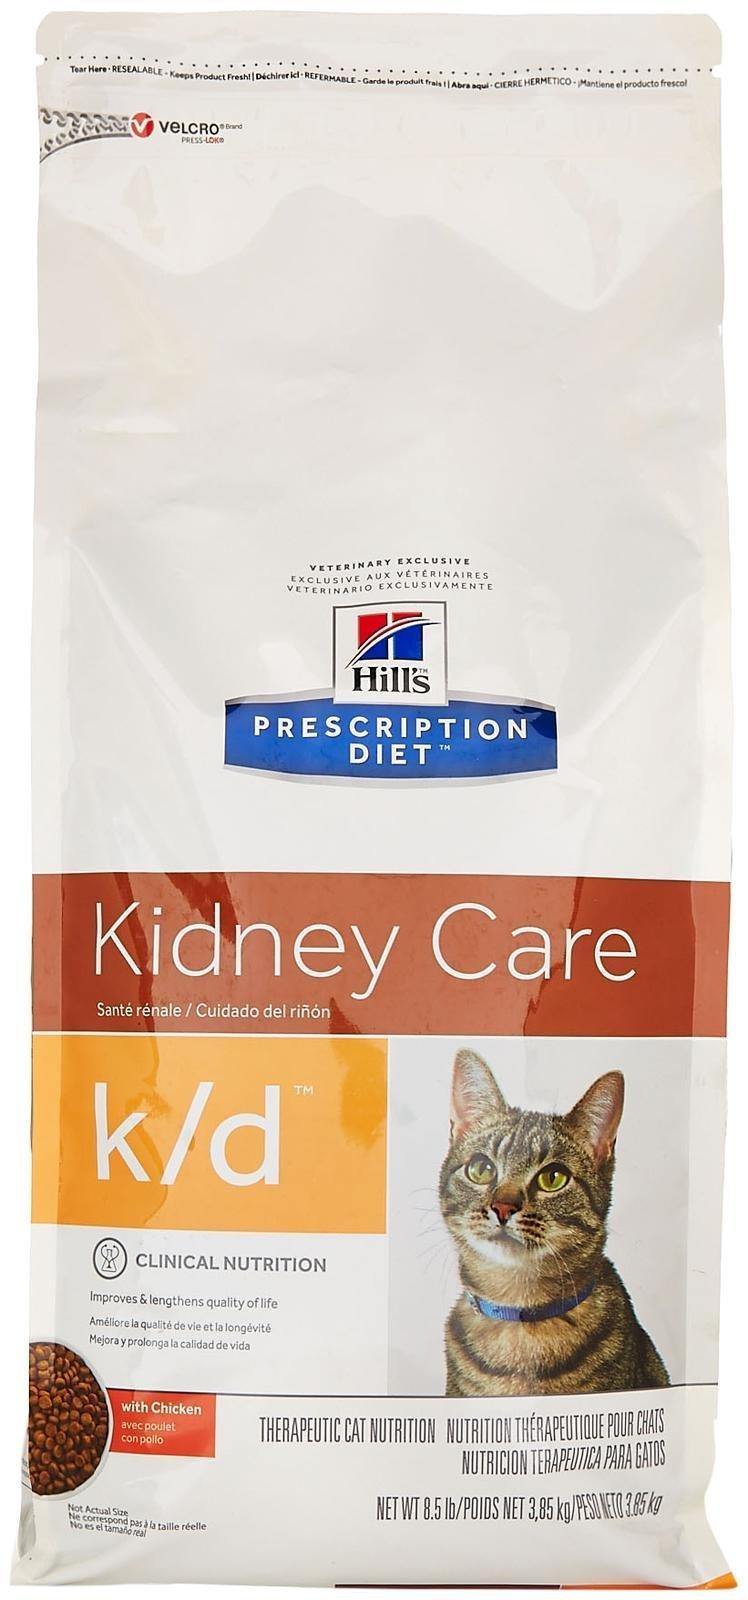 Hill'S Prescription Diet K/D Renal Health Dry Cat Food 8.5 Lbs by HILL'S PRESCRIPTION DIET